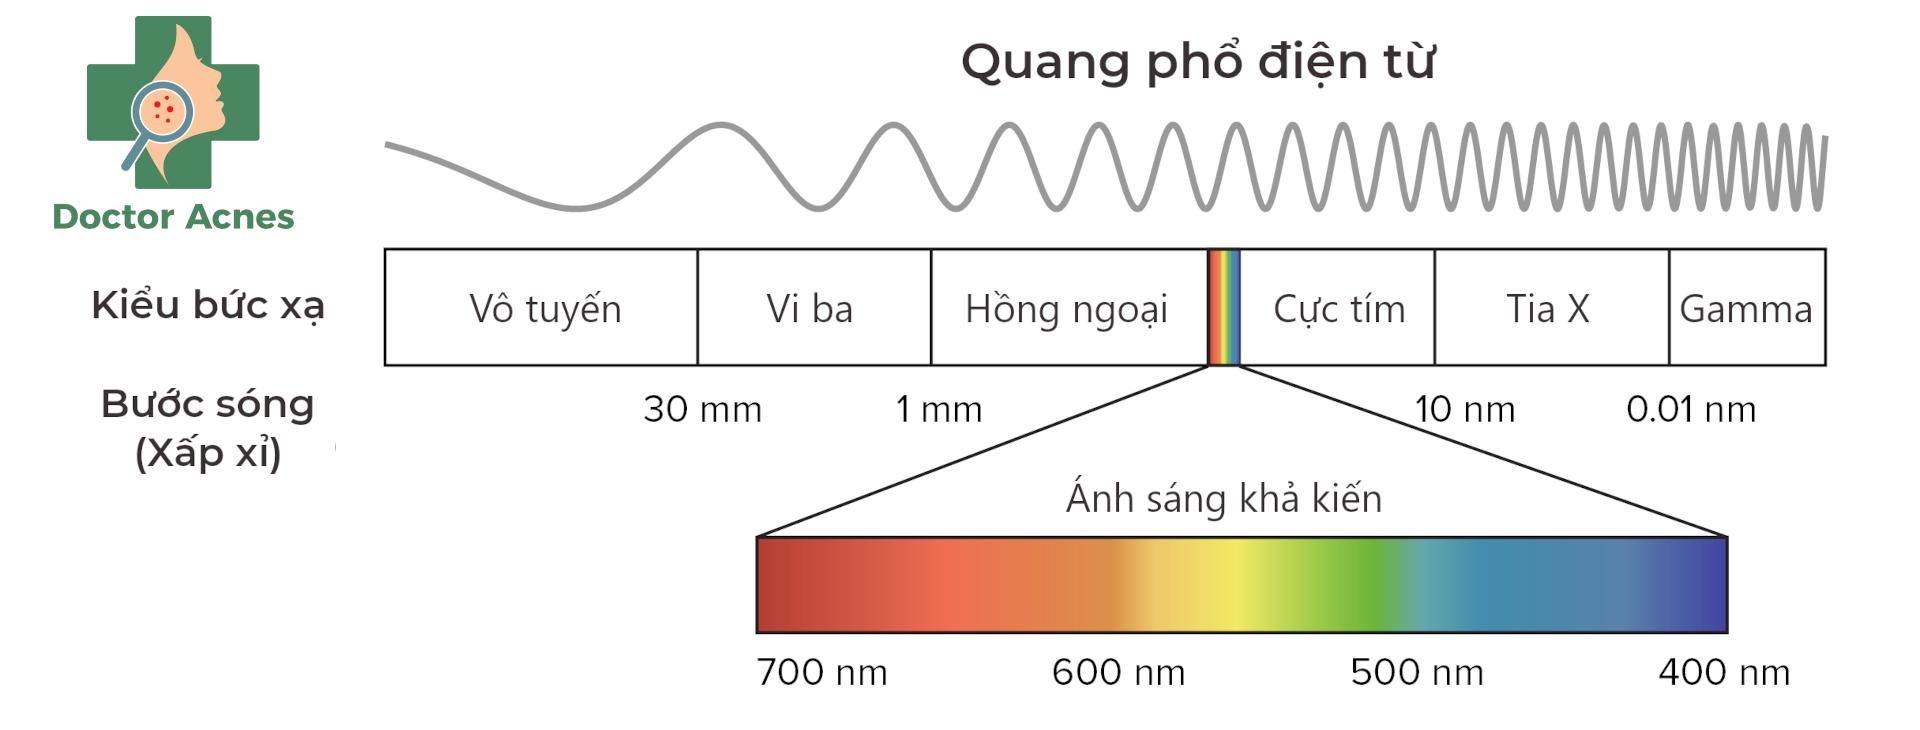 Quang phổ ánh sáng sinh học